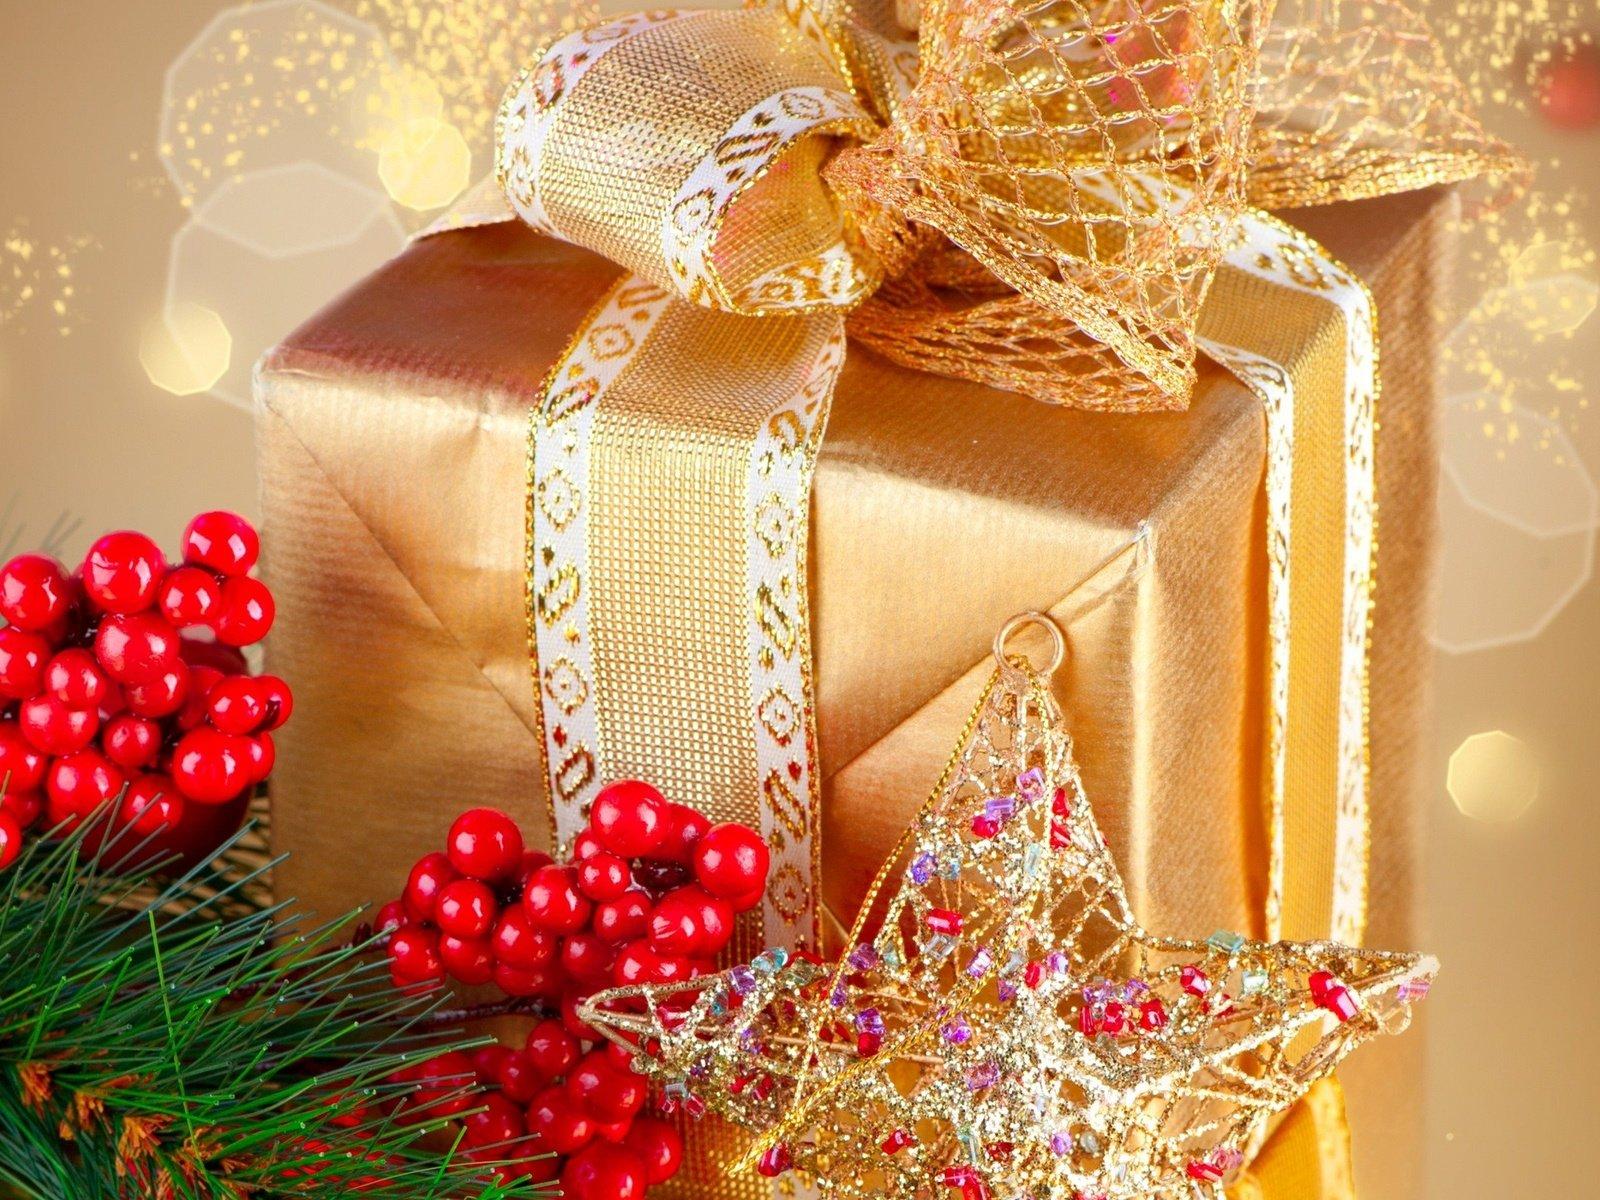 картинка рождественская подарки применение